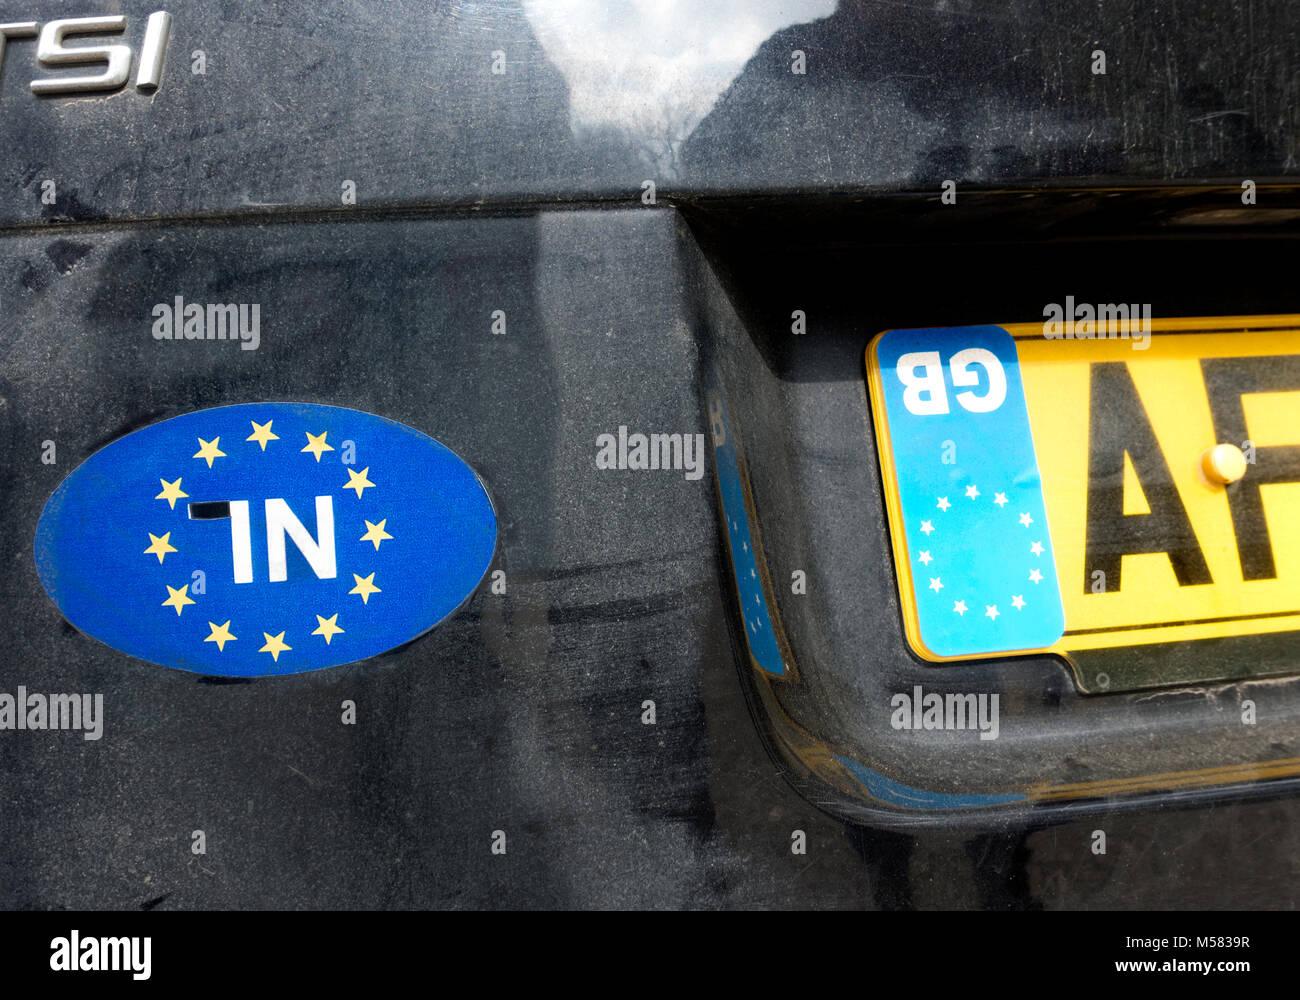 Brexit Bremain à protester contre une voiture britannique à Malaga en Espagne. Photo Stock